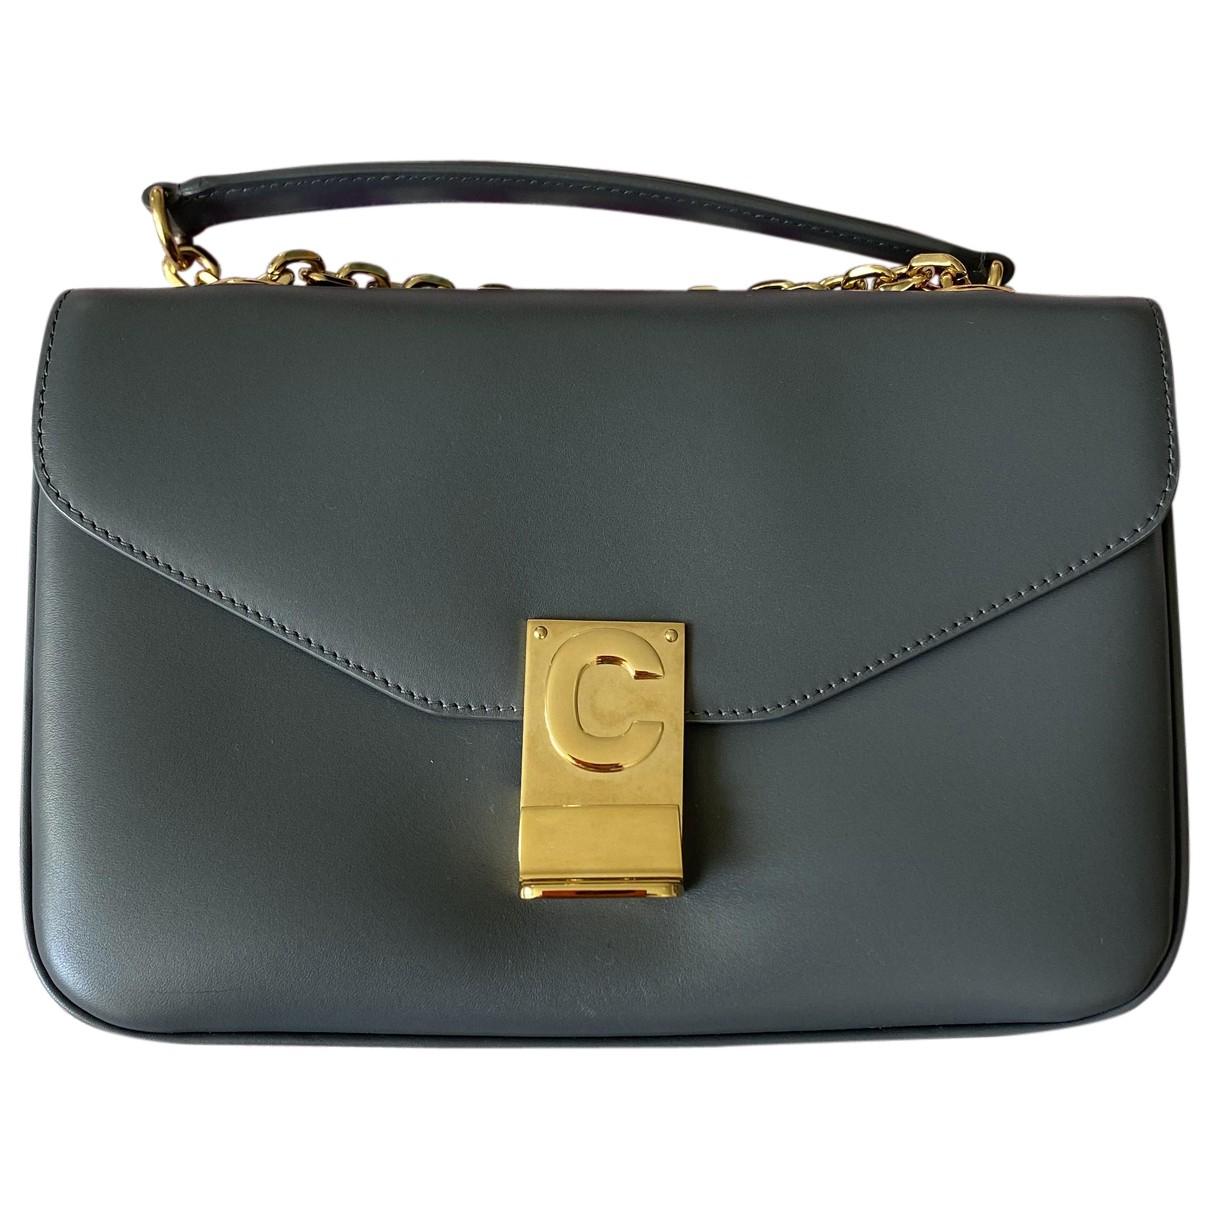 Celine - Sac a main C bag pour femme en cuir - gris